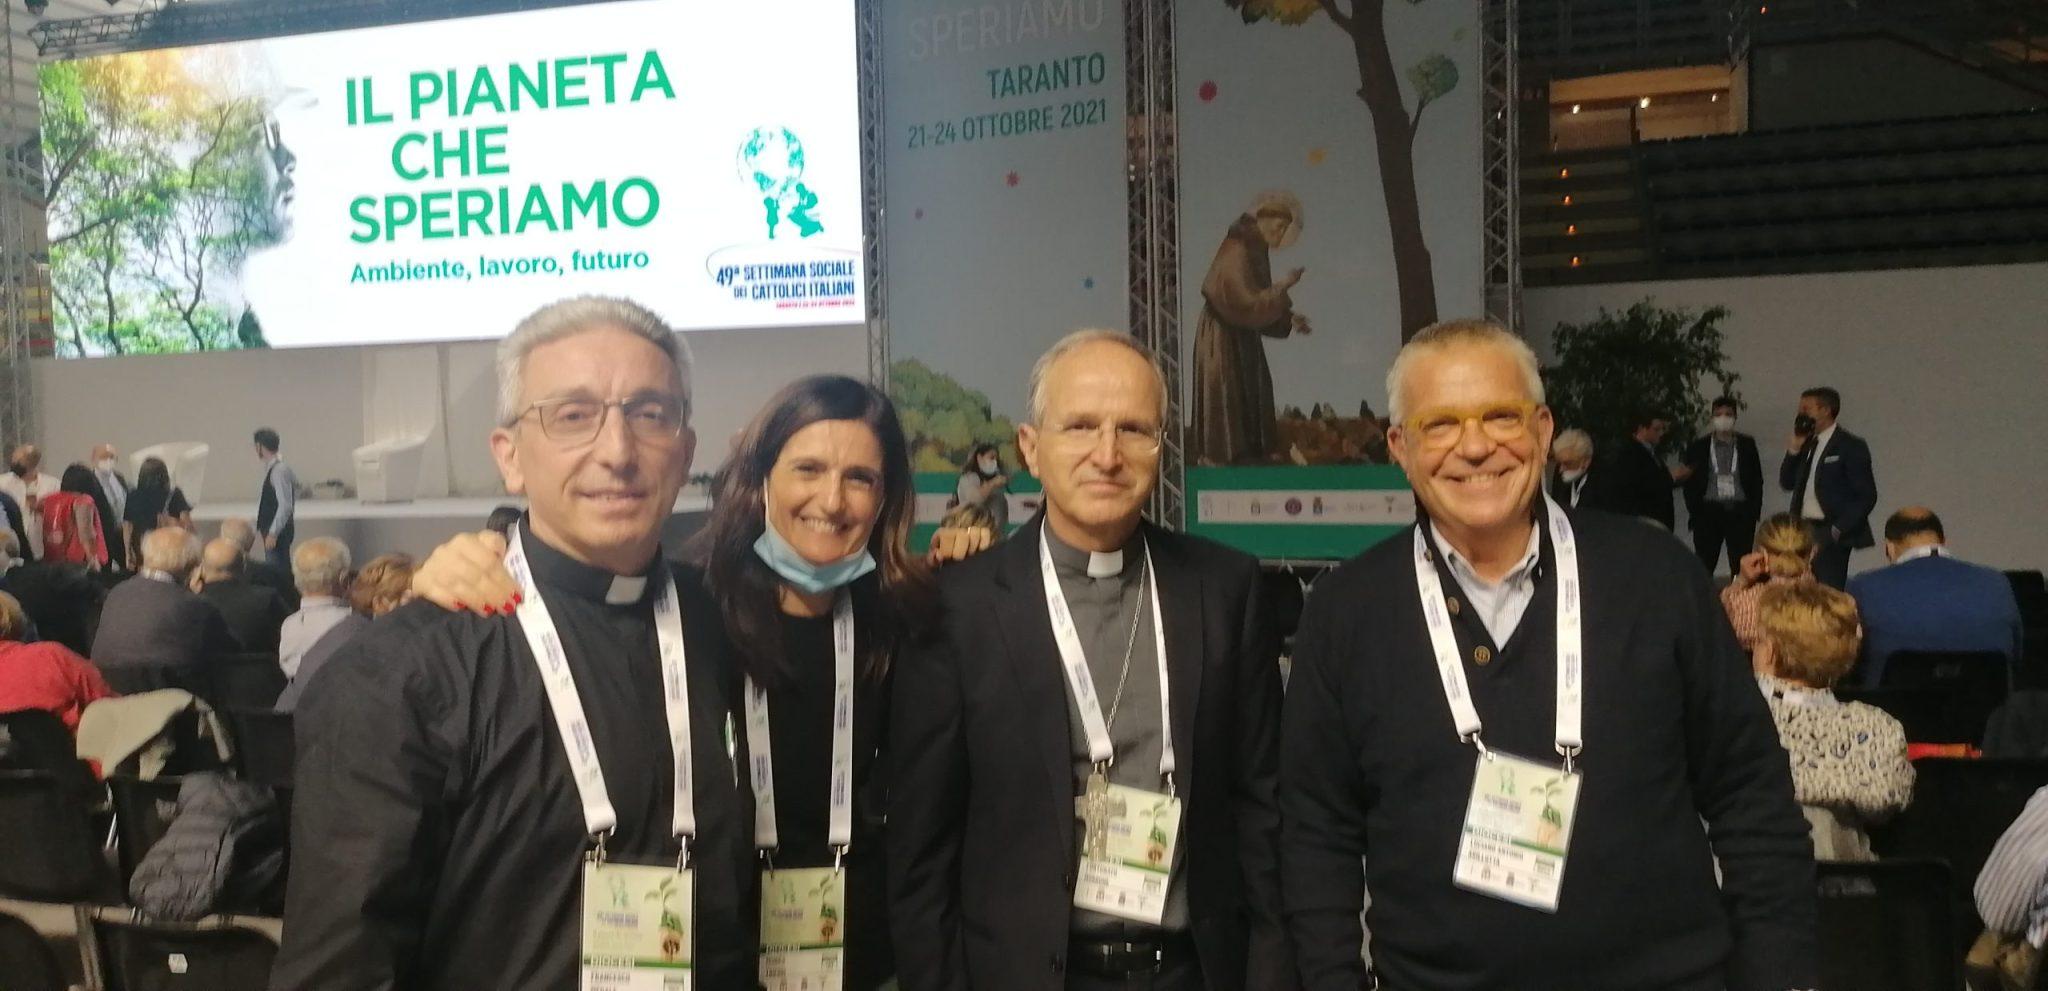 Settimana sociale diocesi Reggio Calabria - Bova